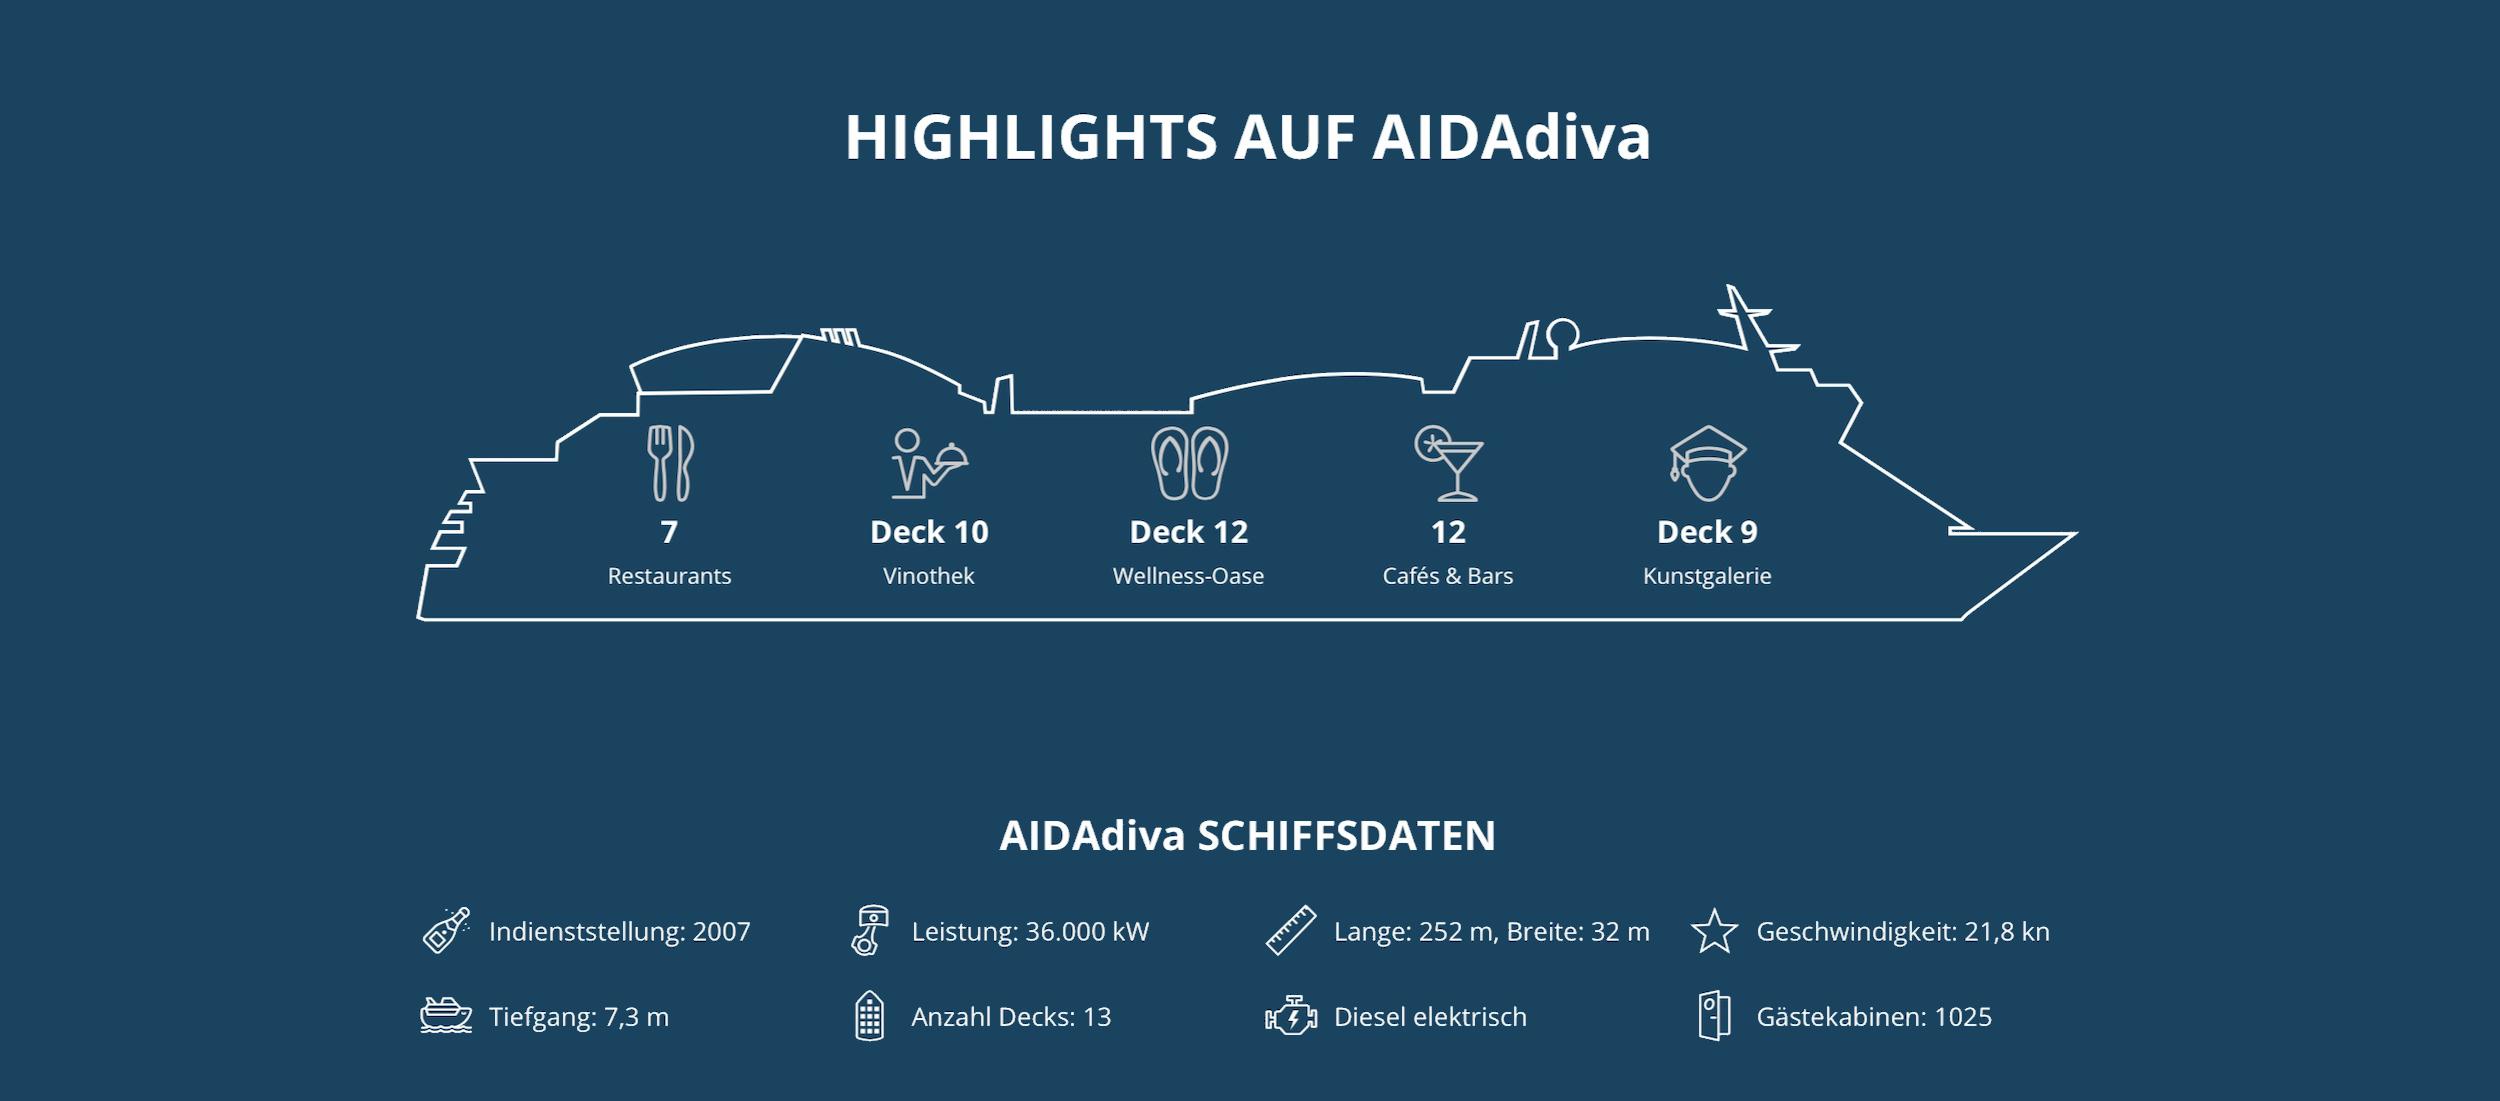 aida-cruises-ships-aidadiva-daten